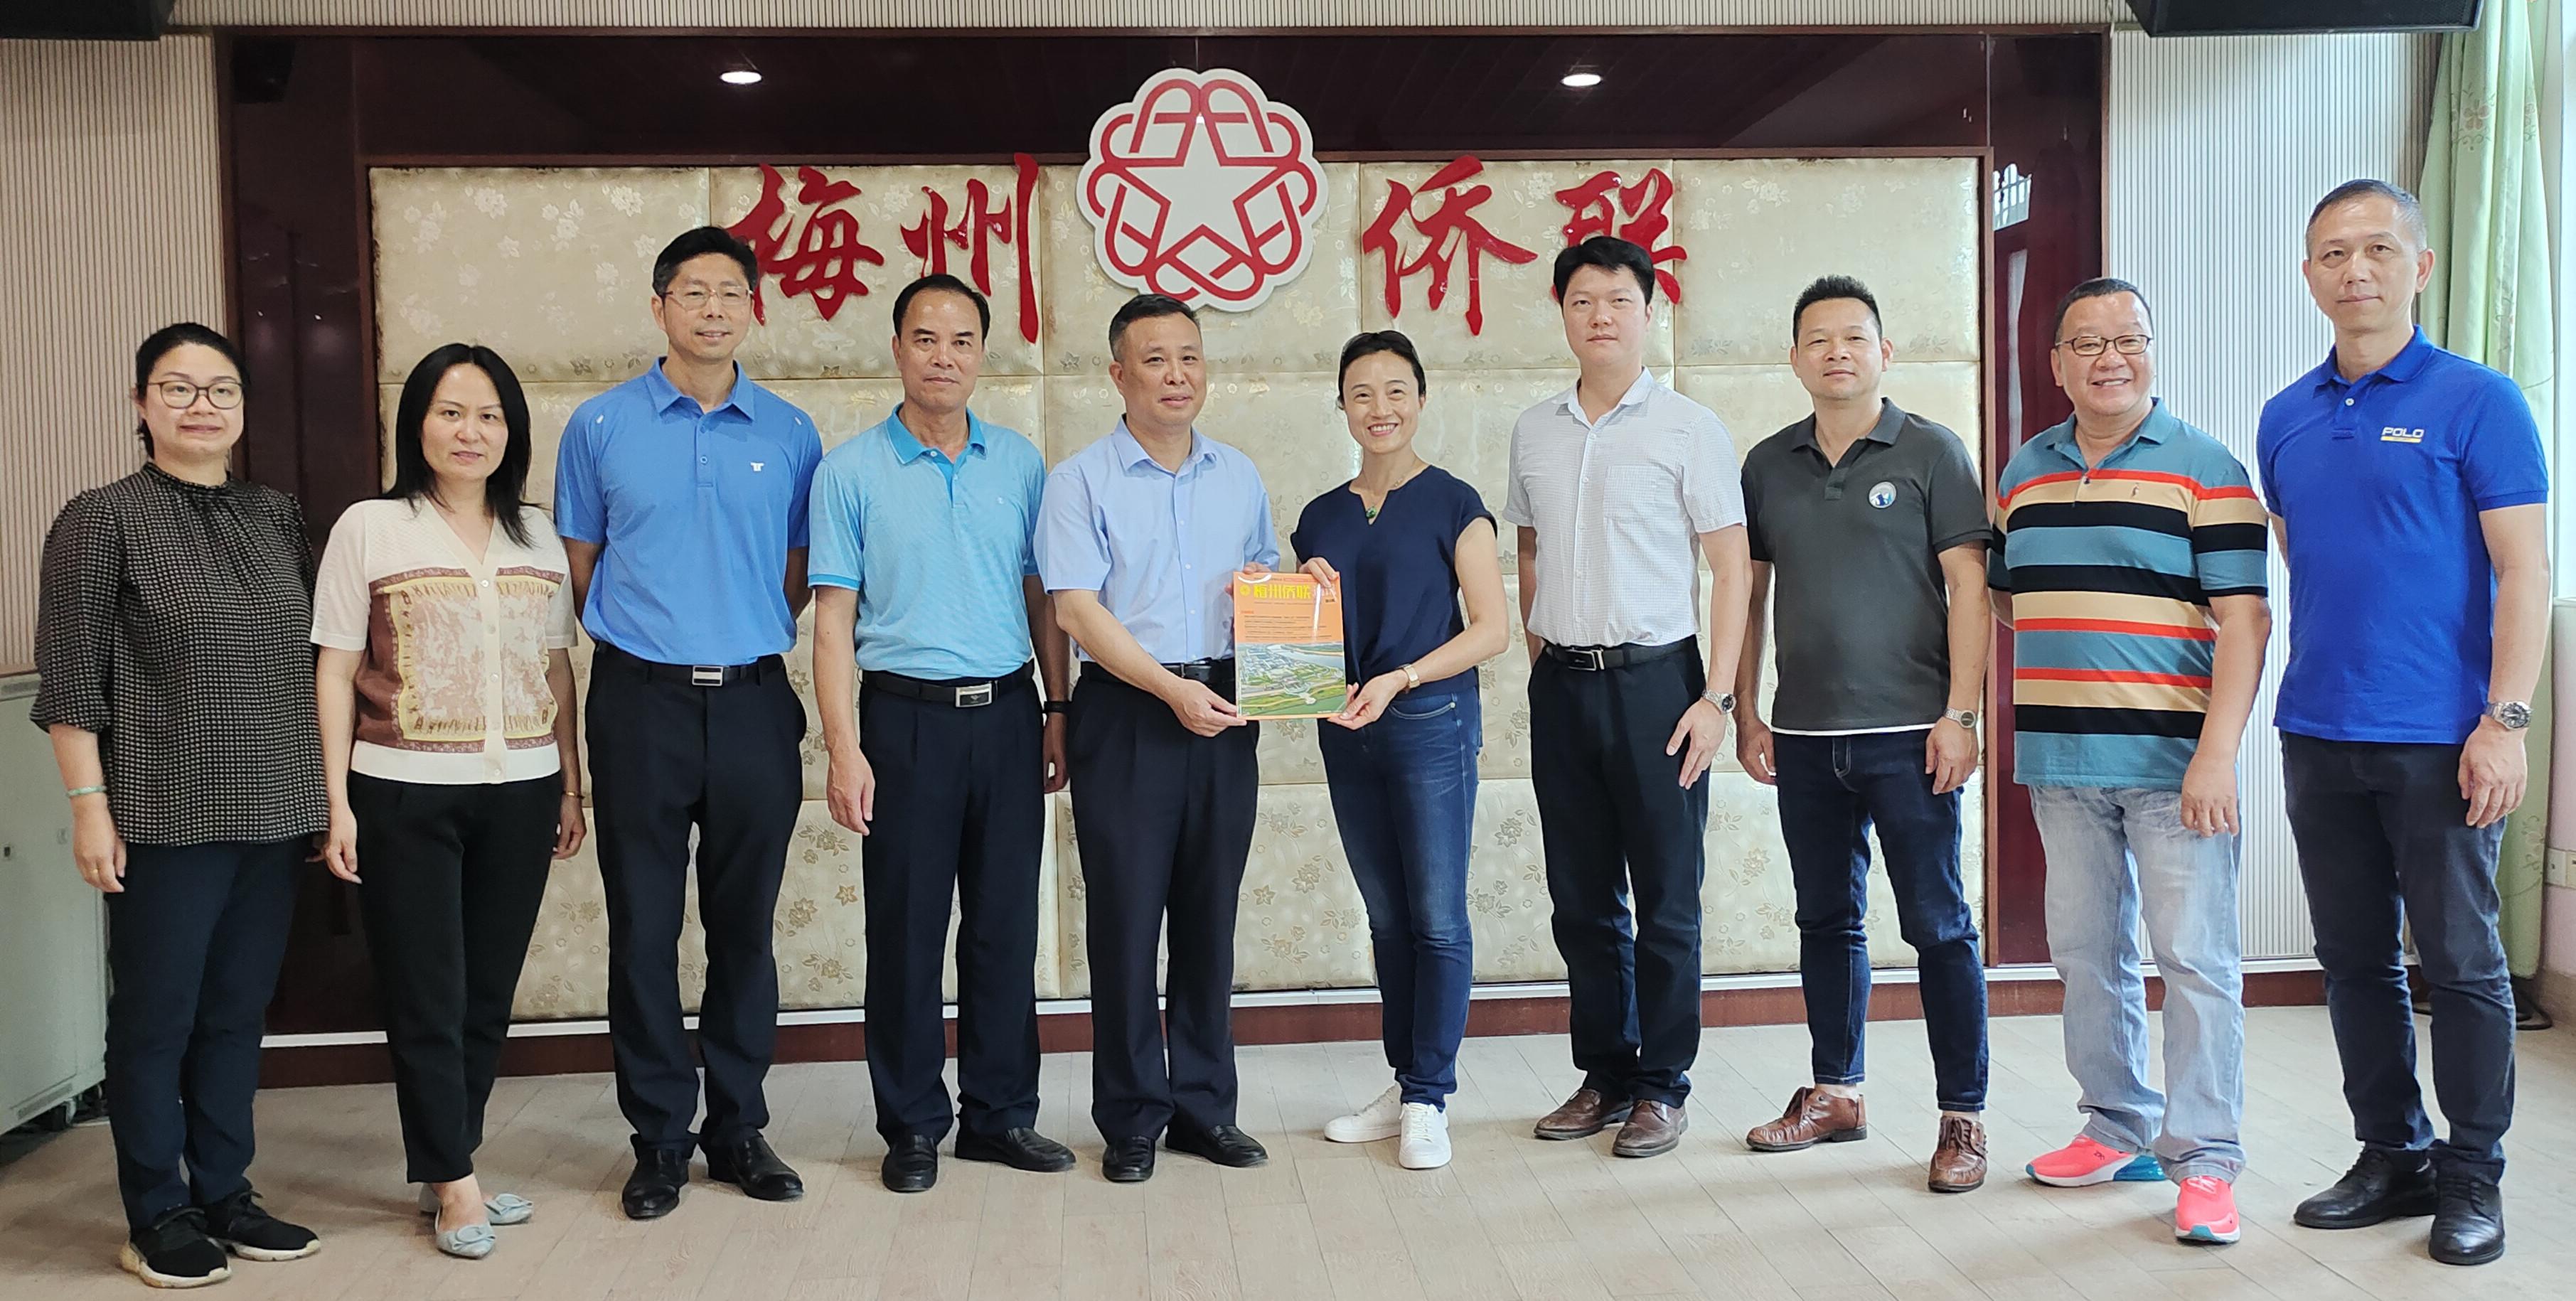 江门市侨联党组书记、主席林春晖一行到访梅州市侨联